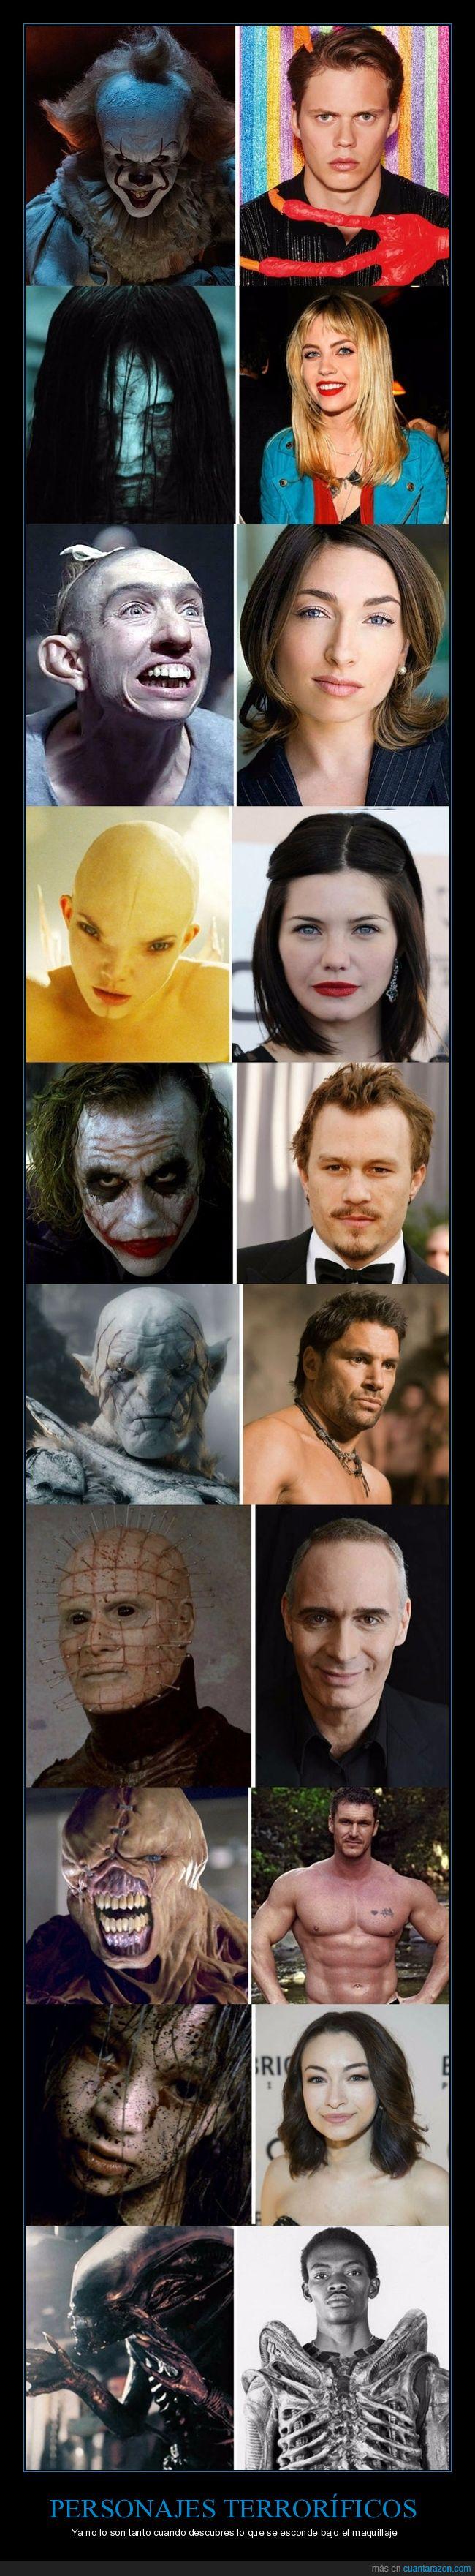 actores,cine,miedo,personajes